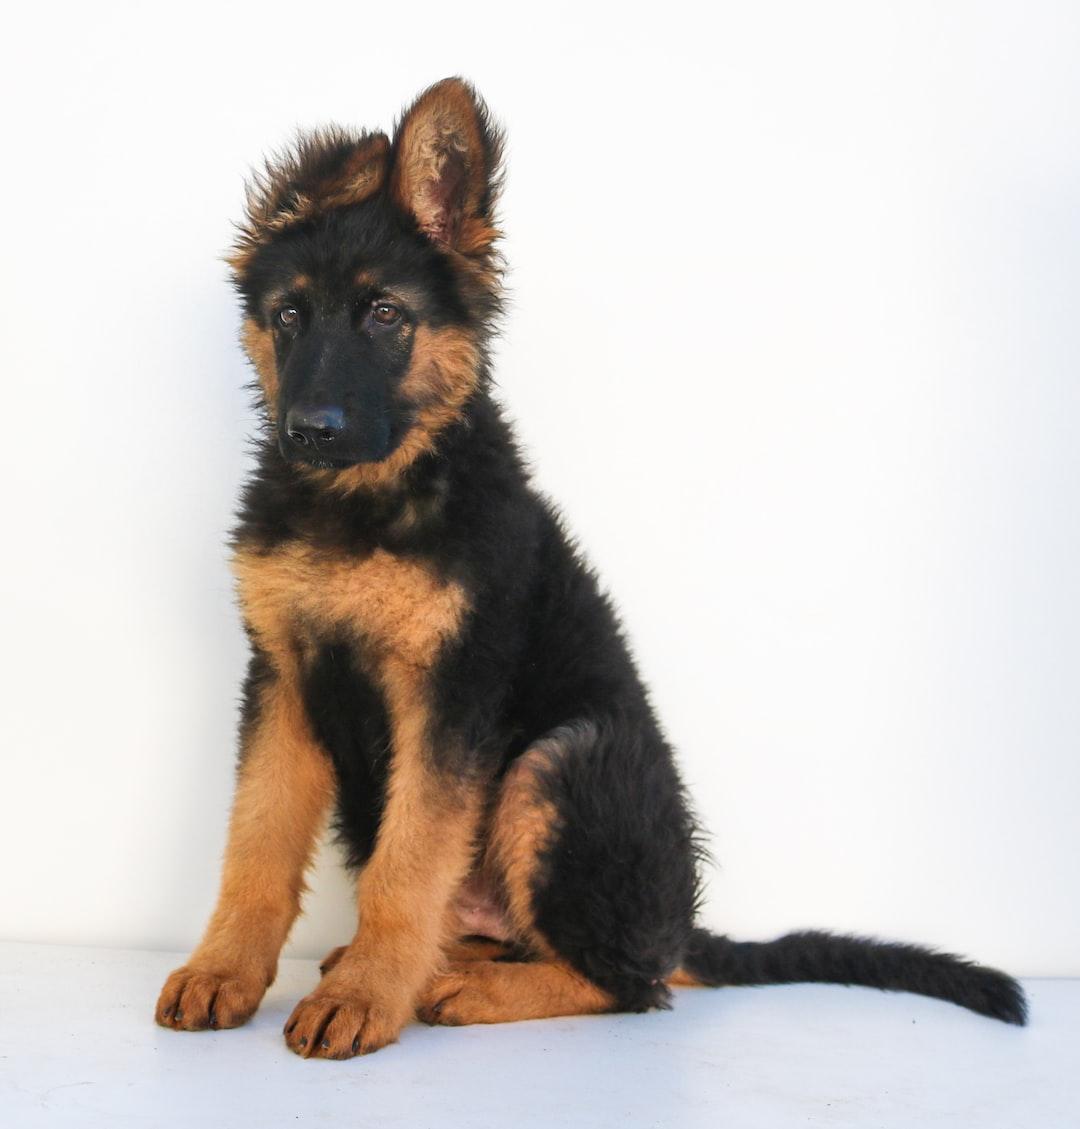 17 weeks old German Shepherd